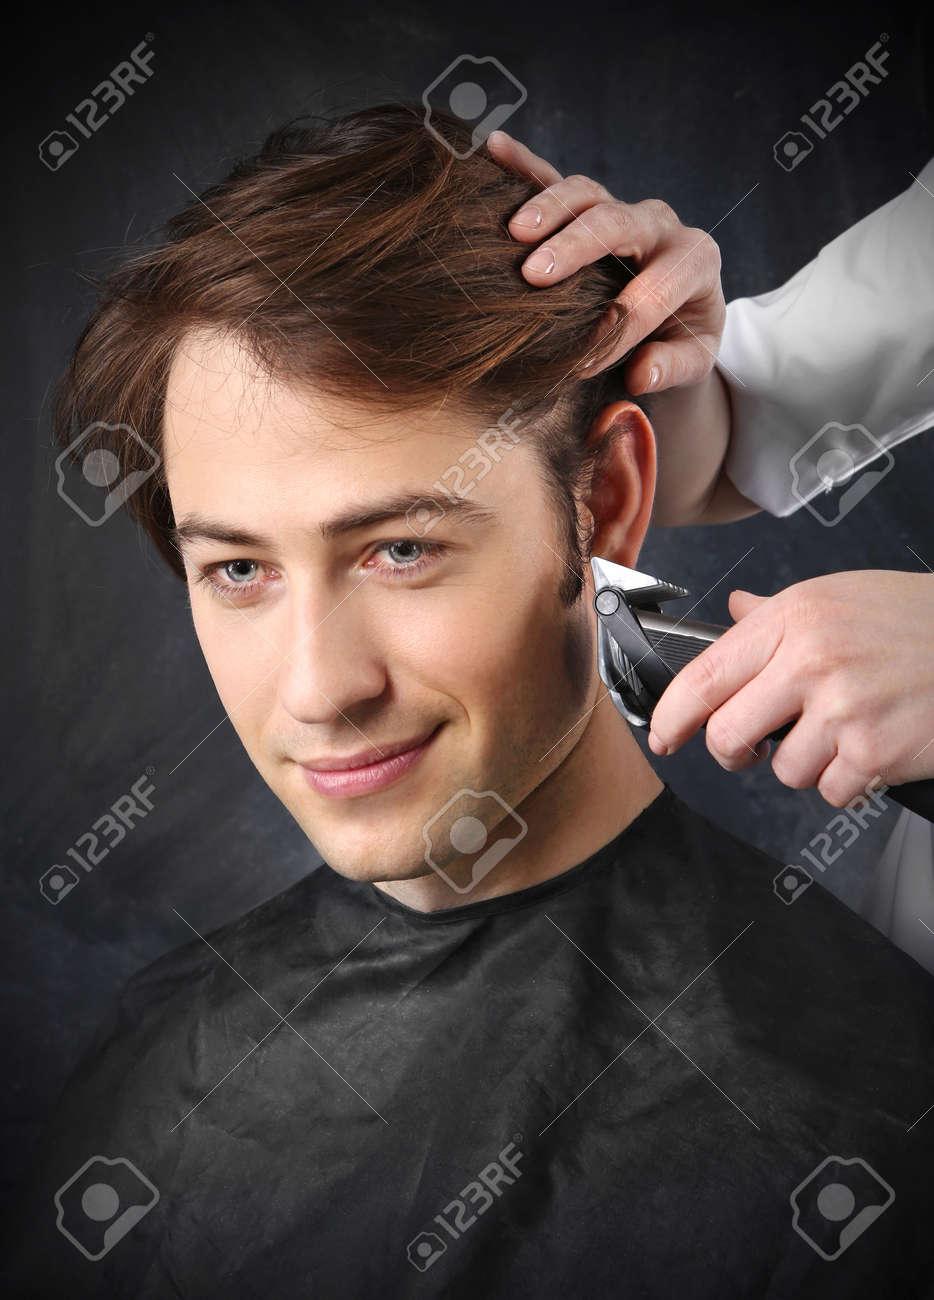 Portrait Einer Jungen Weißen Jungen Während Haare Schneiden Im